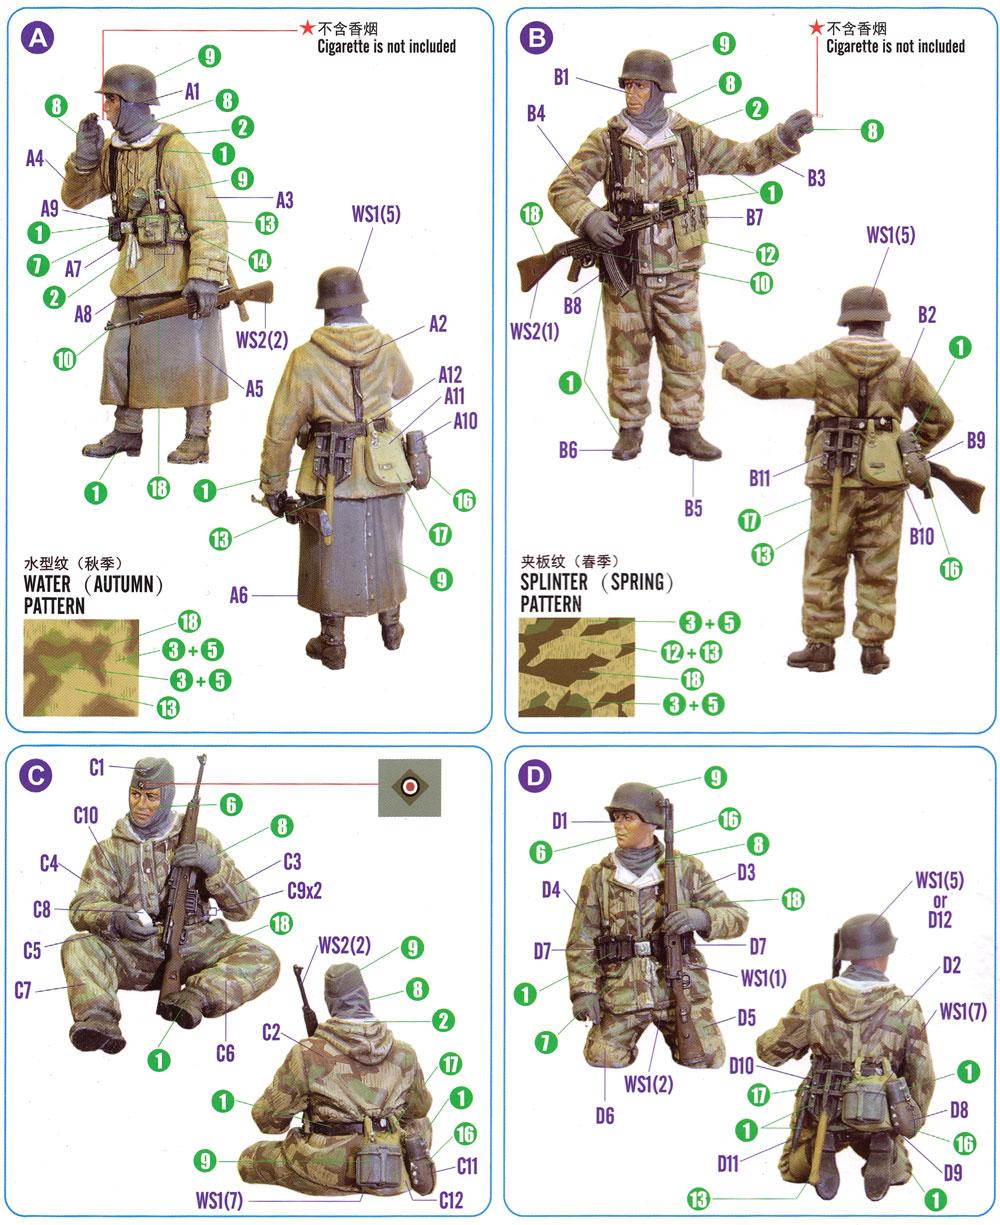 ドイツ装甲擲弾兵セット Vol.1プラモデル(ホビーボス1/35 ファイティングビークル シリーズNo.84404)商品画像_1